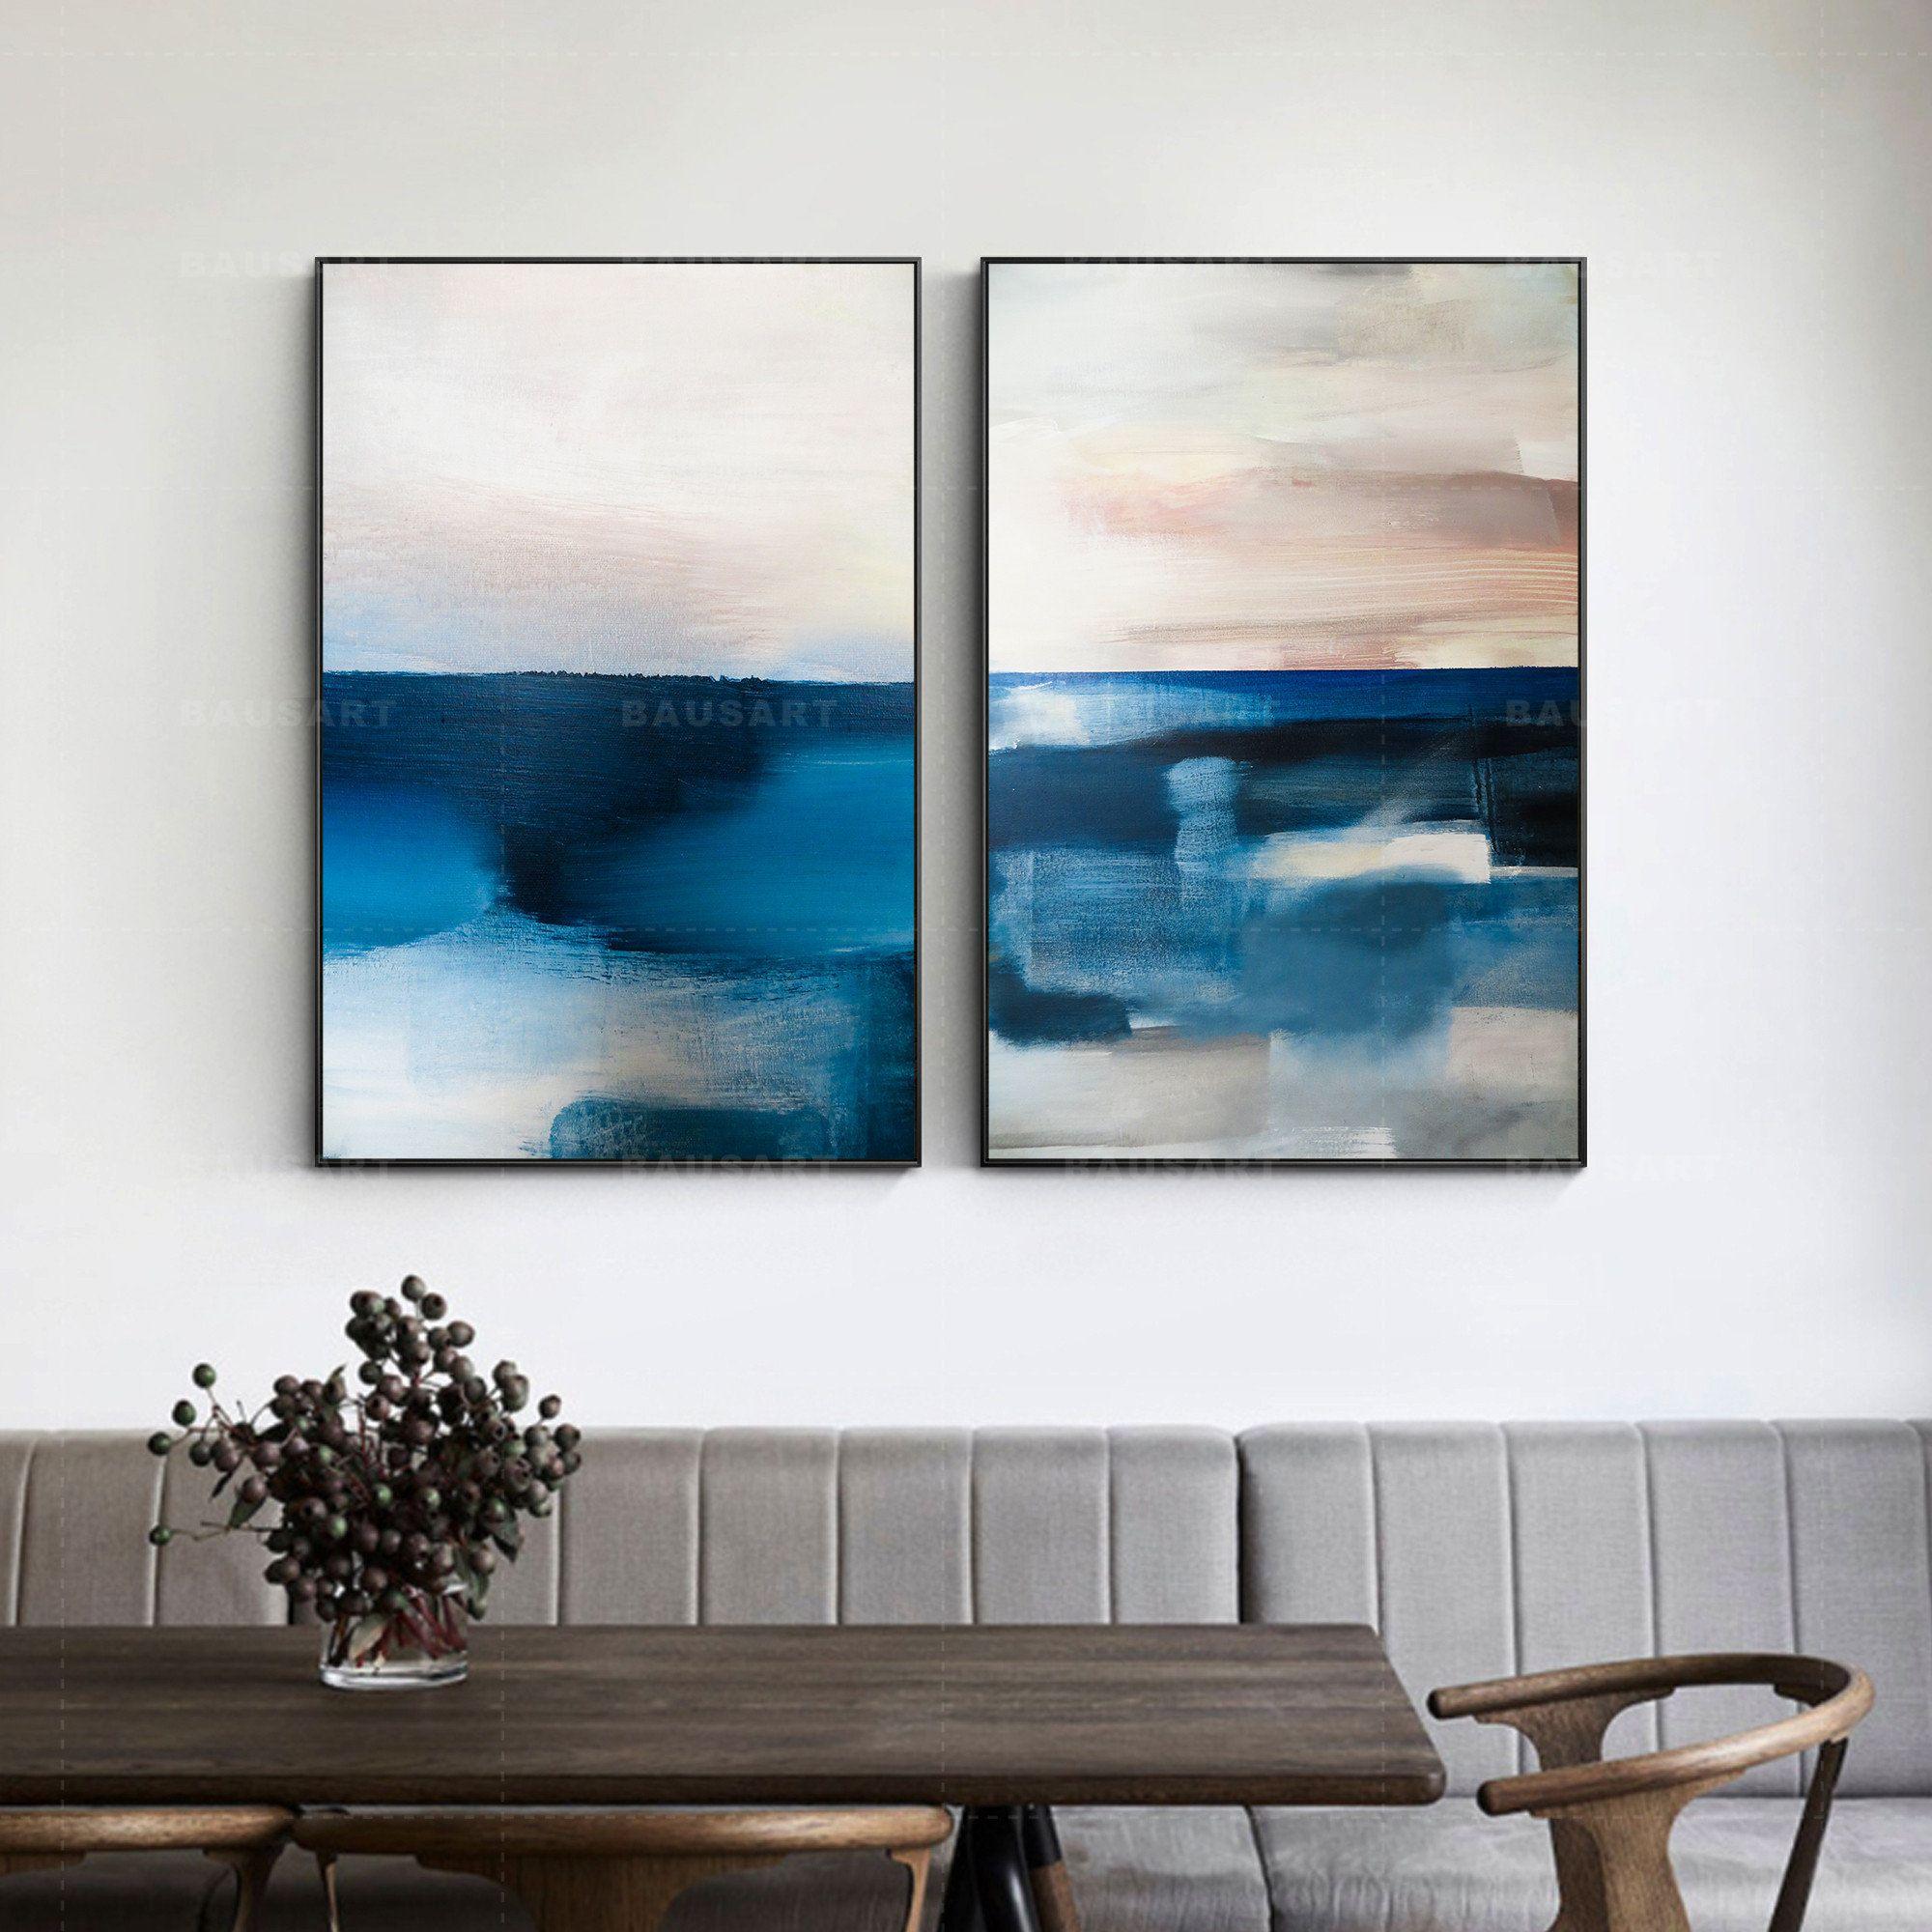 Large Framed Abstract Landscape Framed Abstract Art Print Etsy In 2021 Abstract Landscape Landscape Art Landscape Paintings